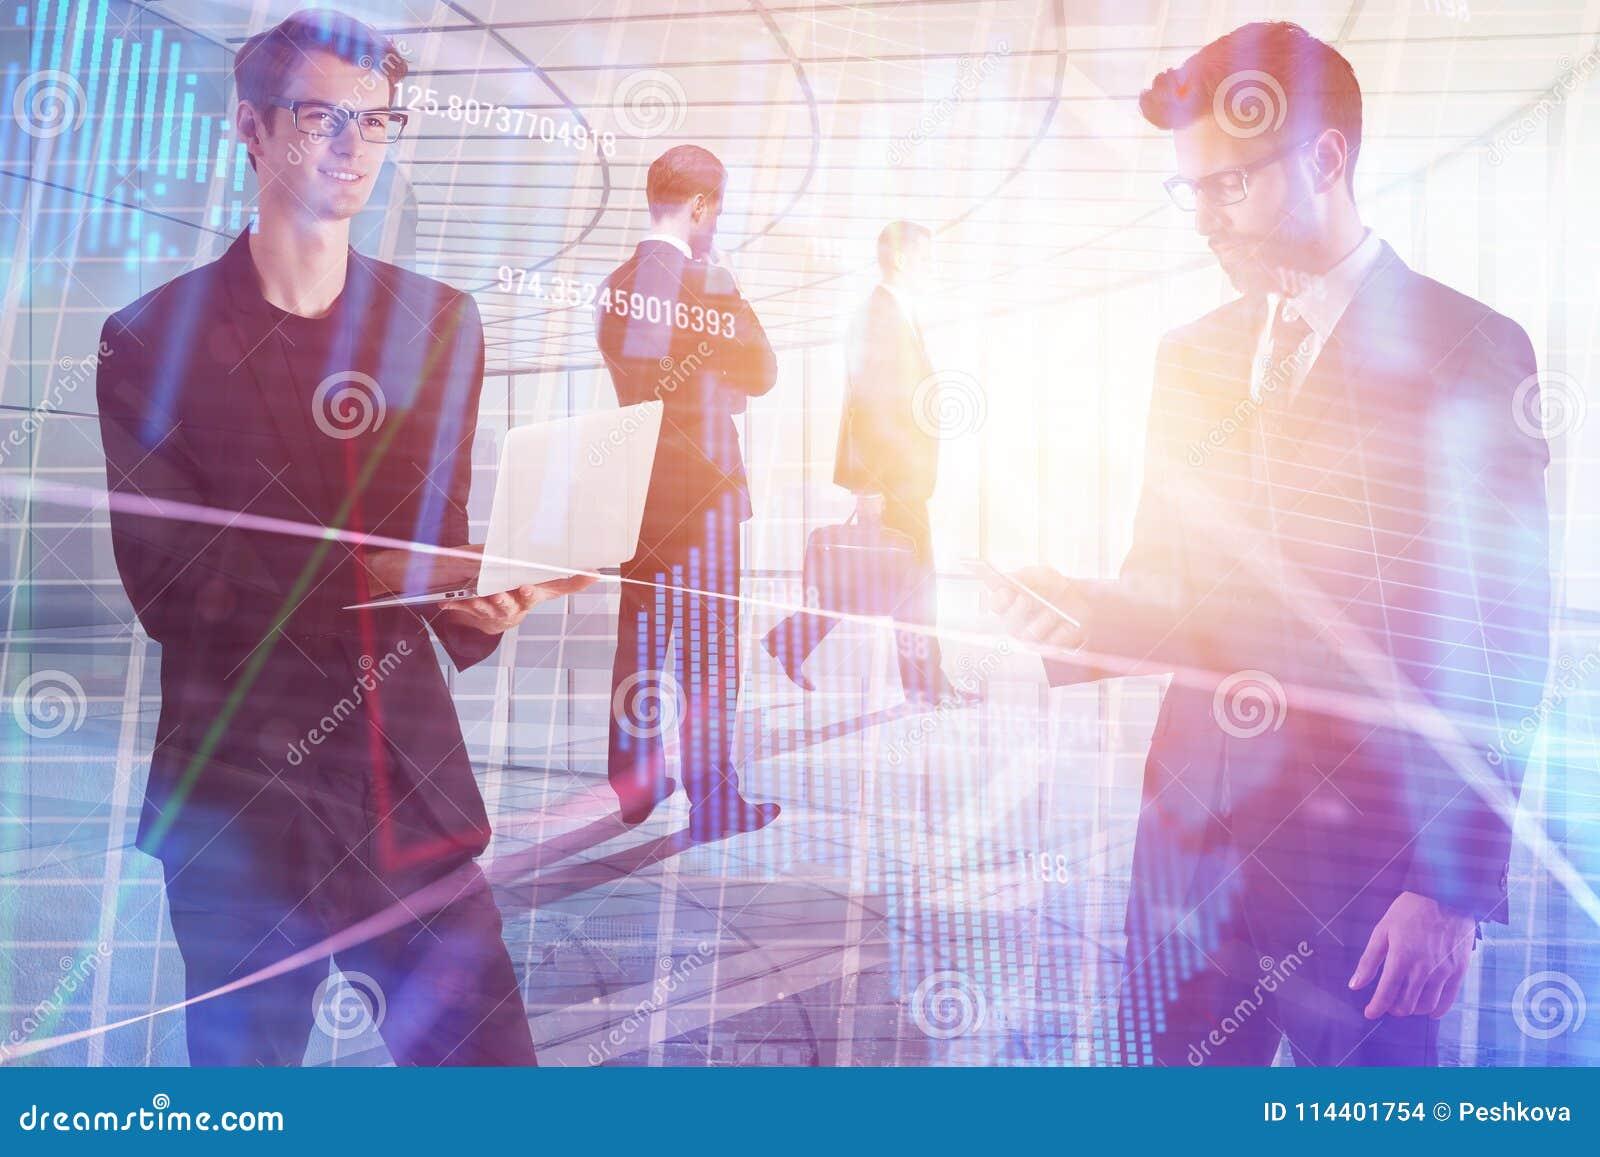 Συνεδρίαση, απόθεμα, εμπόριο, ομαδική εργασία και έννοια διεπαφών